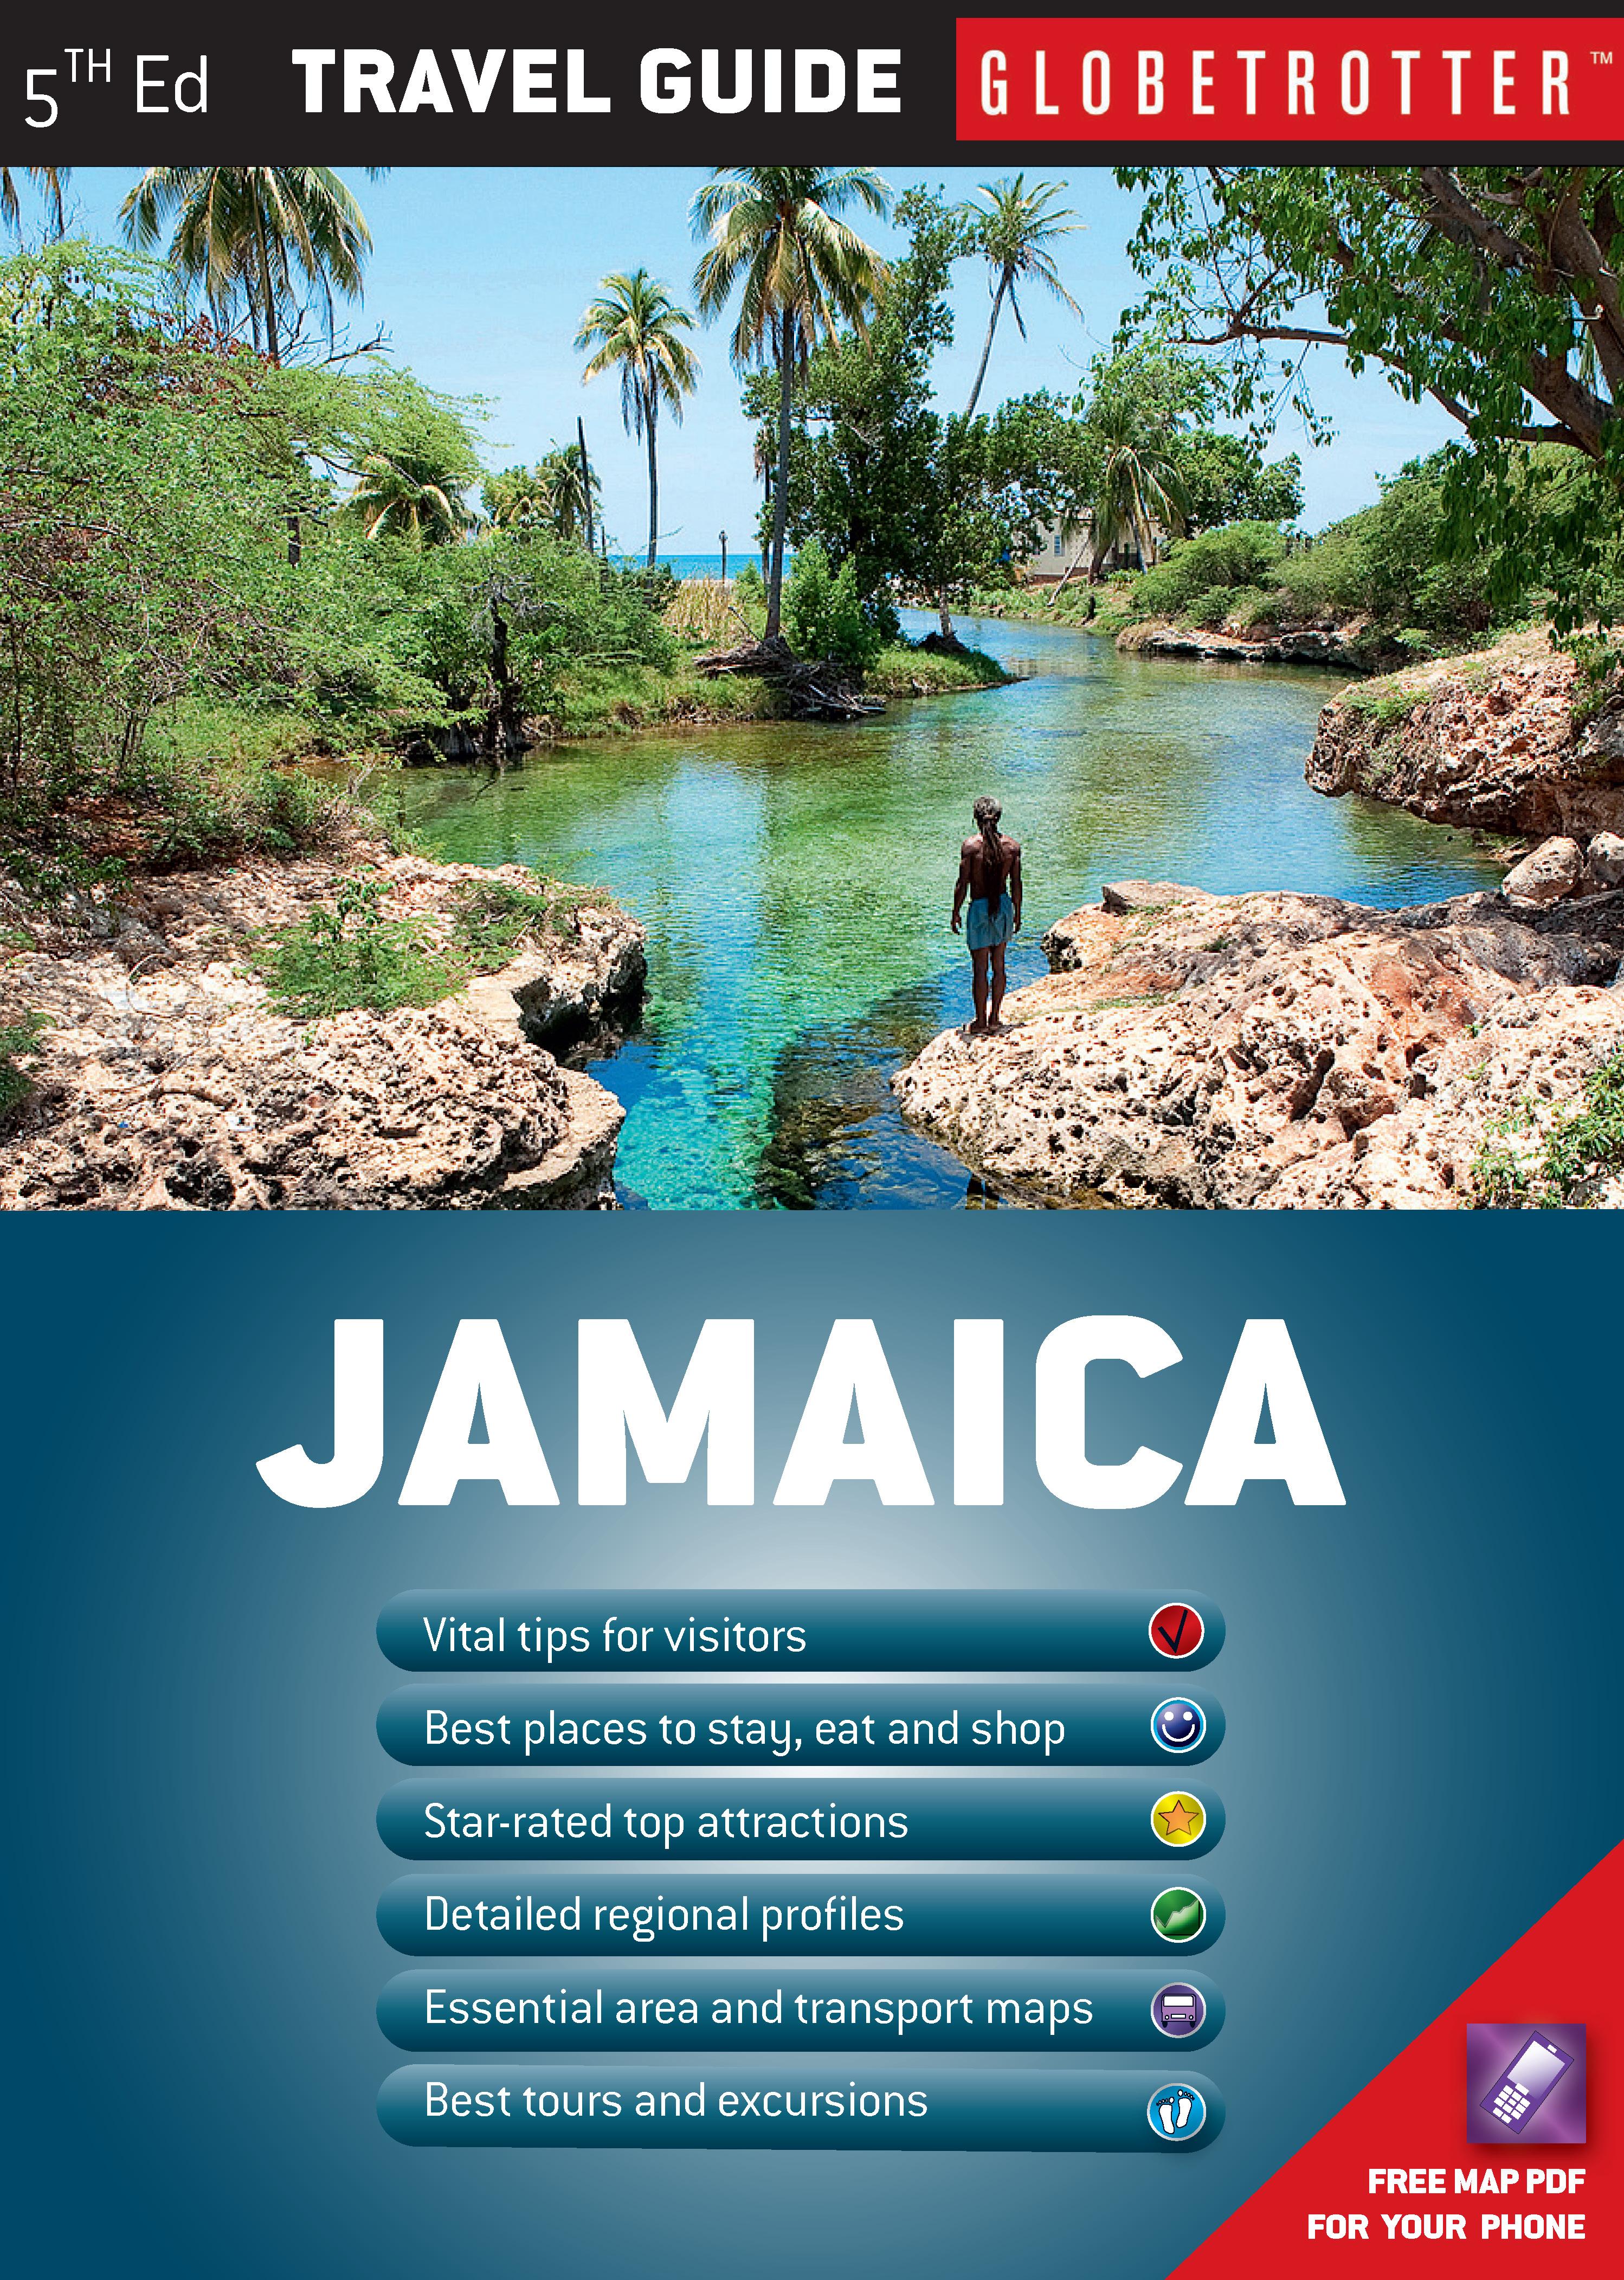 Jamaica Travel Guide   sovisit.com